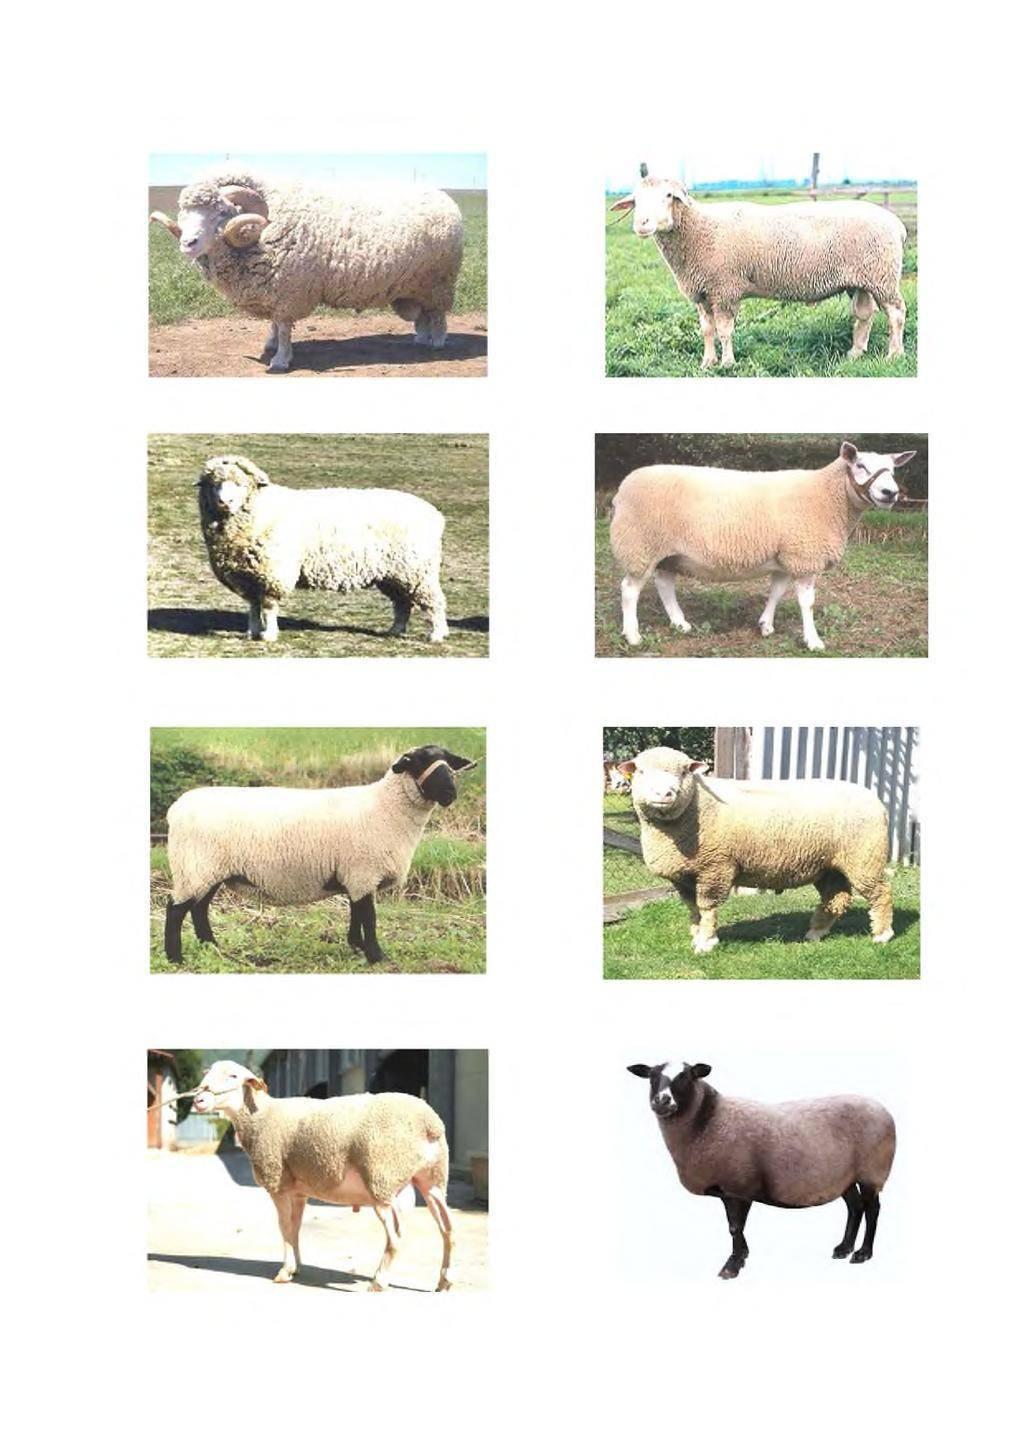 Об утверждении порядка и условий проведения бонитировки племенных овец романовской породы